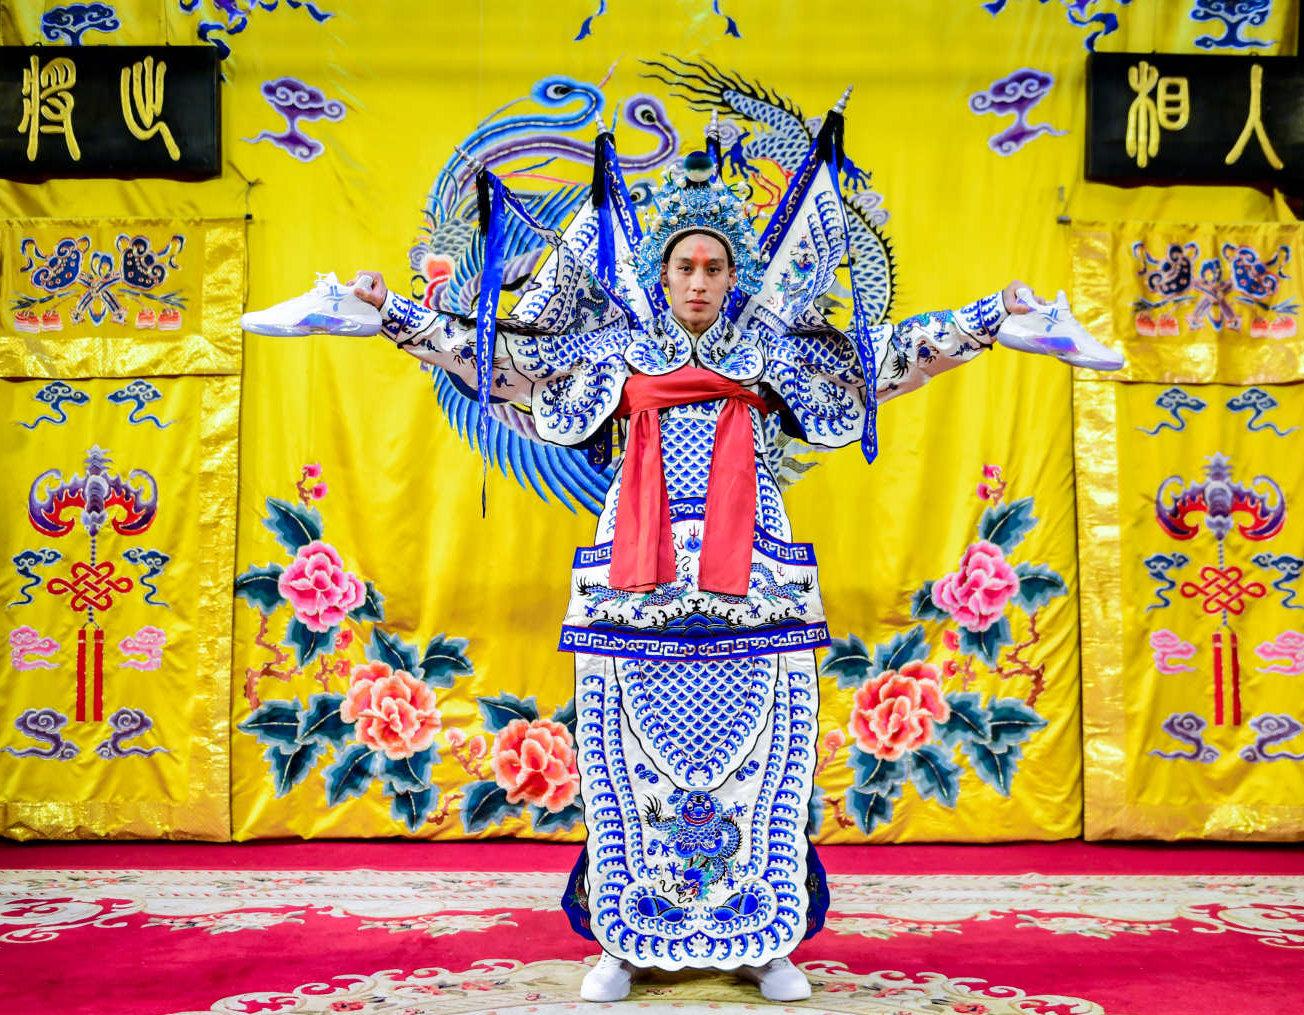 林书豪中国行Day 1:学京剧&毛笔字,与粉丝亲密互动